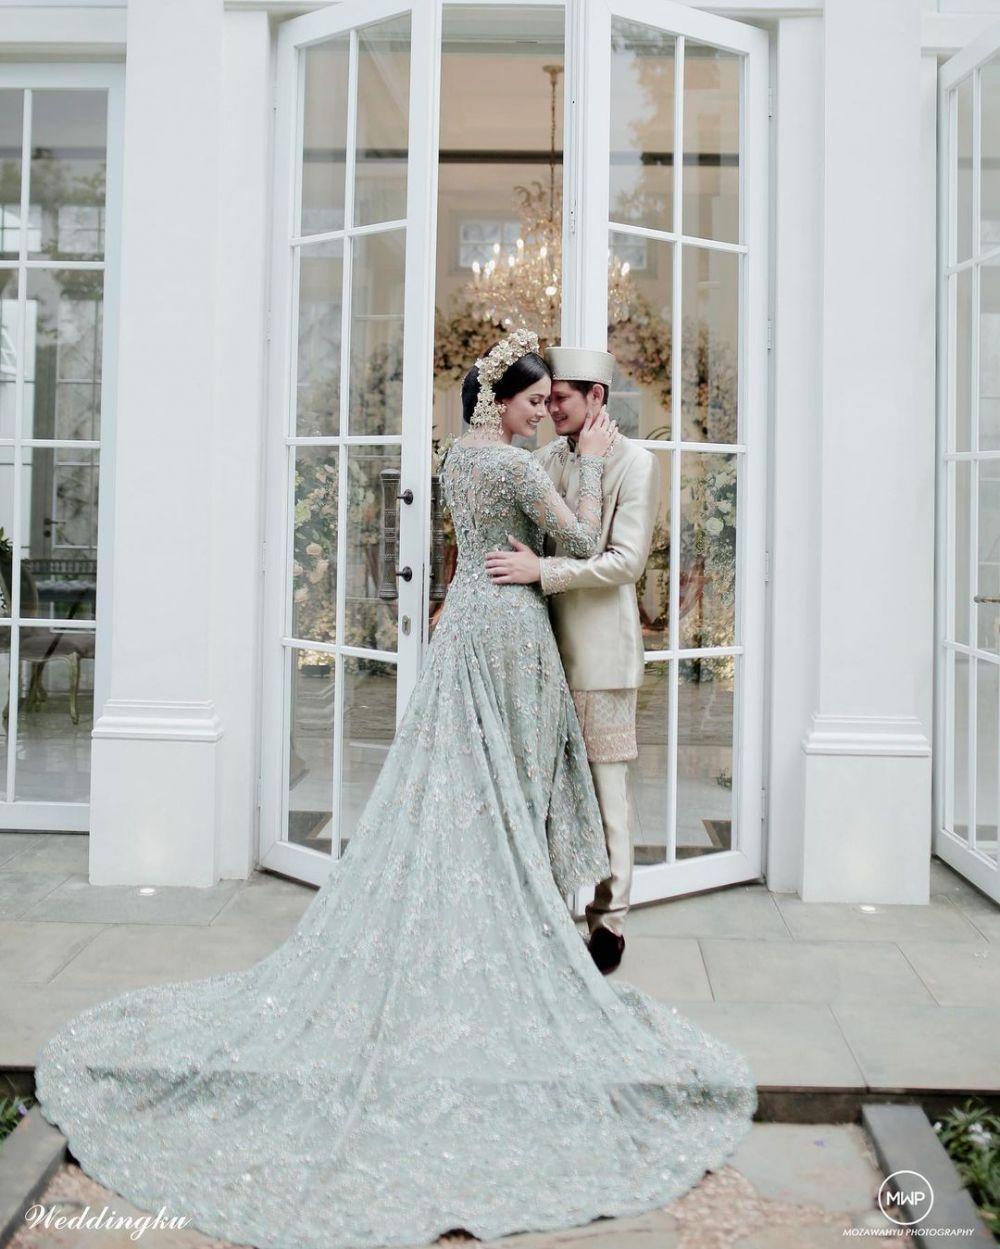 Kebaya nikahan seleb selain putih © 2020 brilio.net